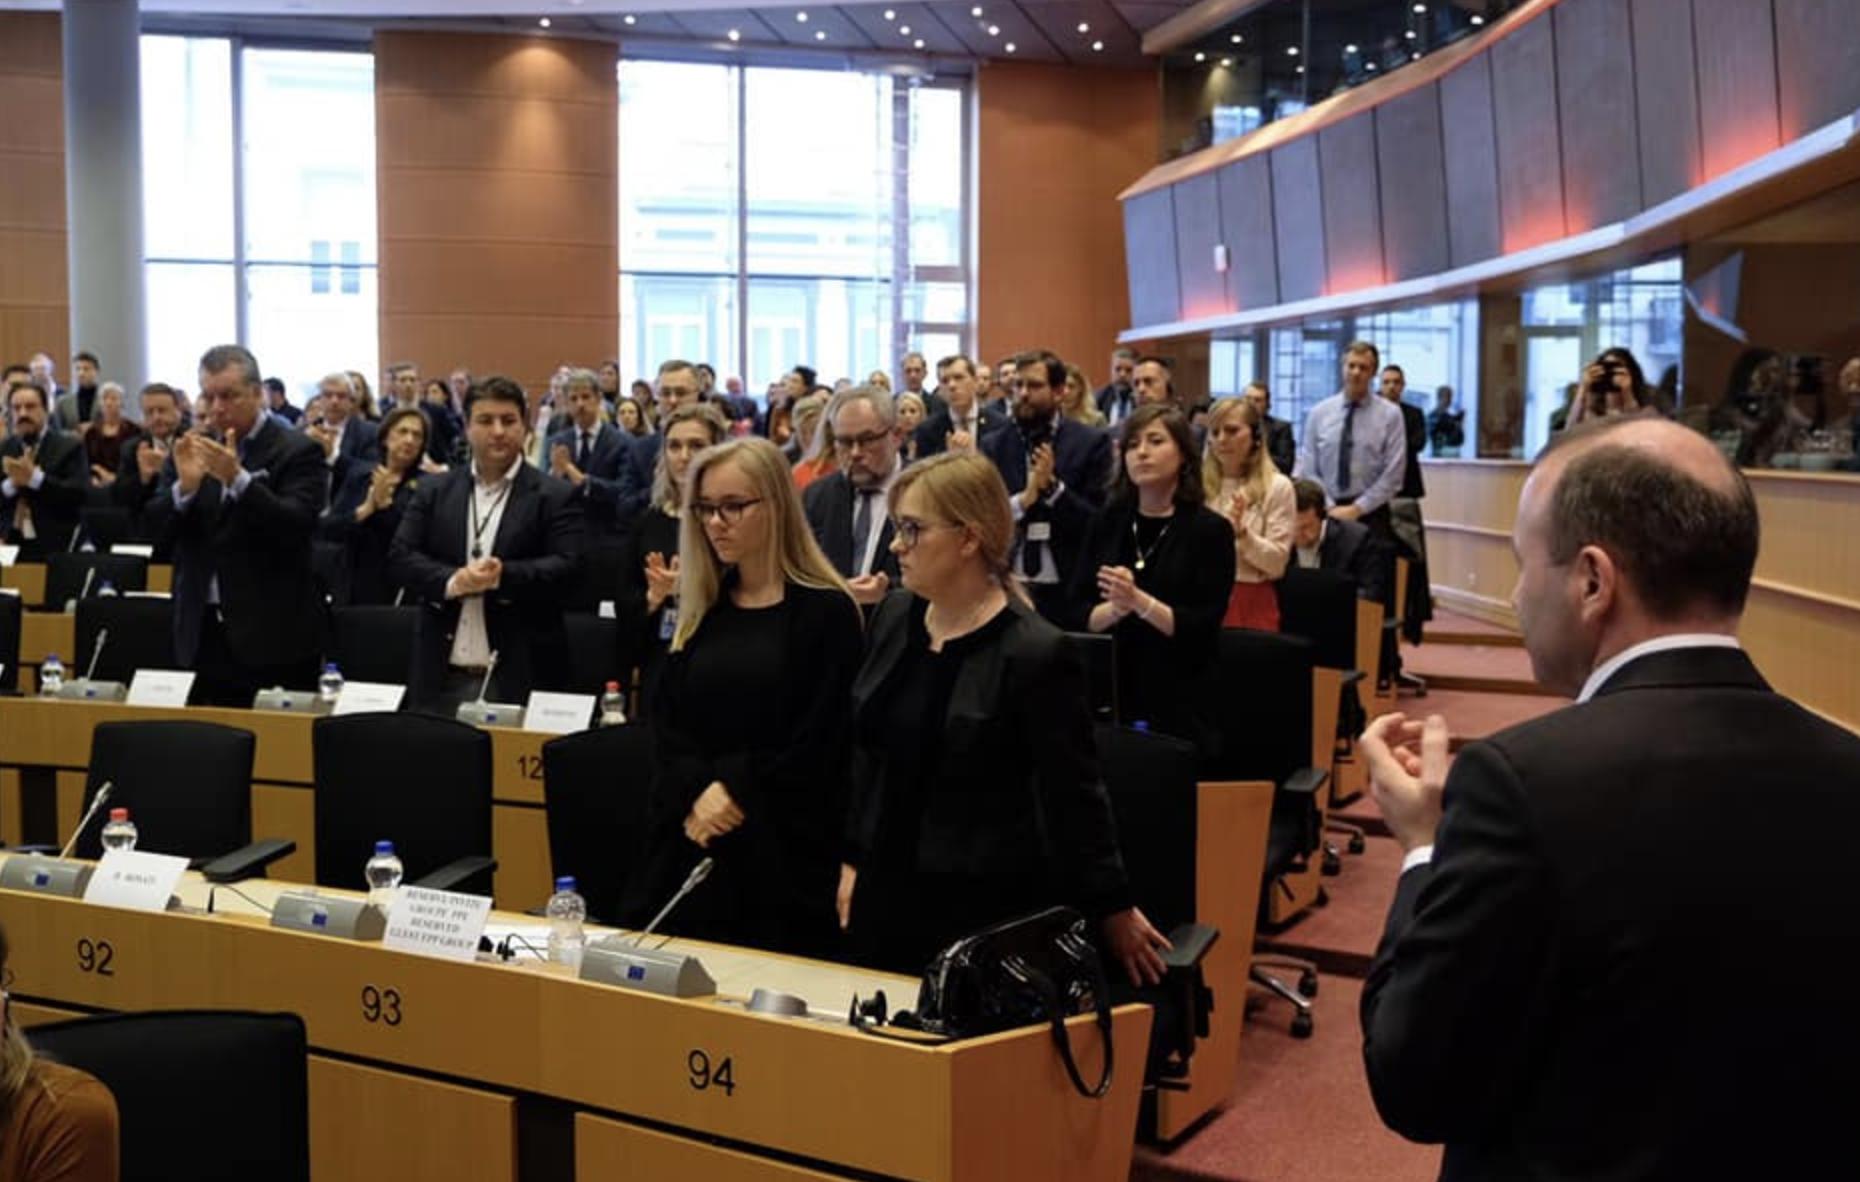 Żona Adamowicza w Parlamencie Europejskim. Pojawiła się tam razem ze starszą córką